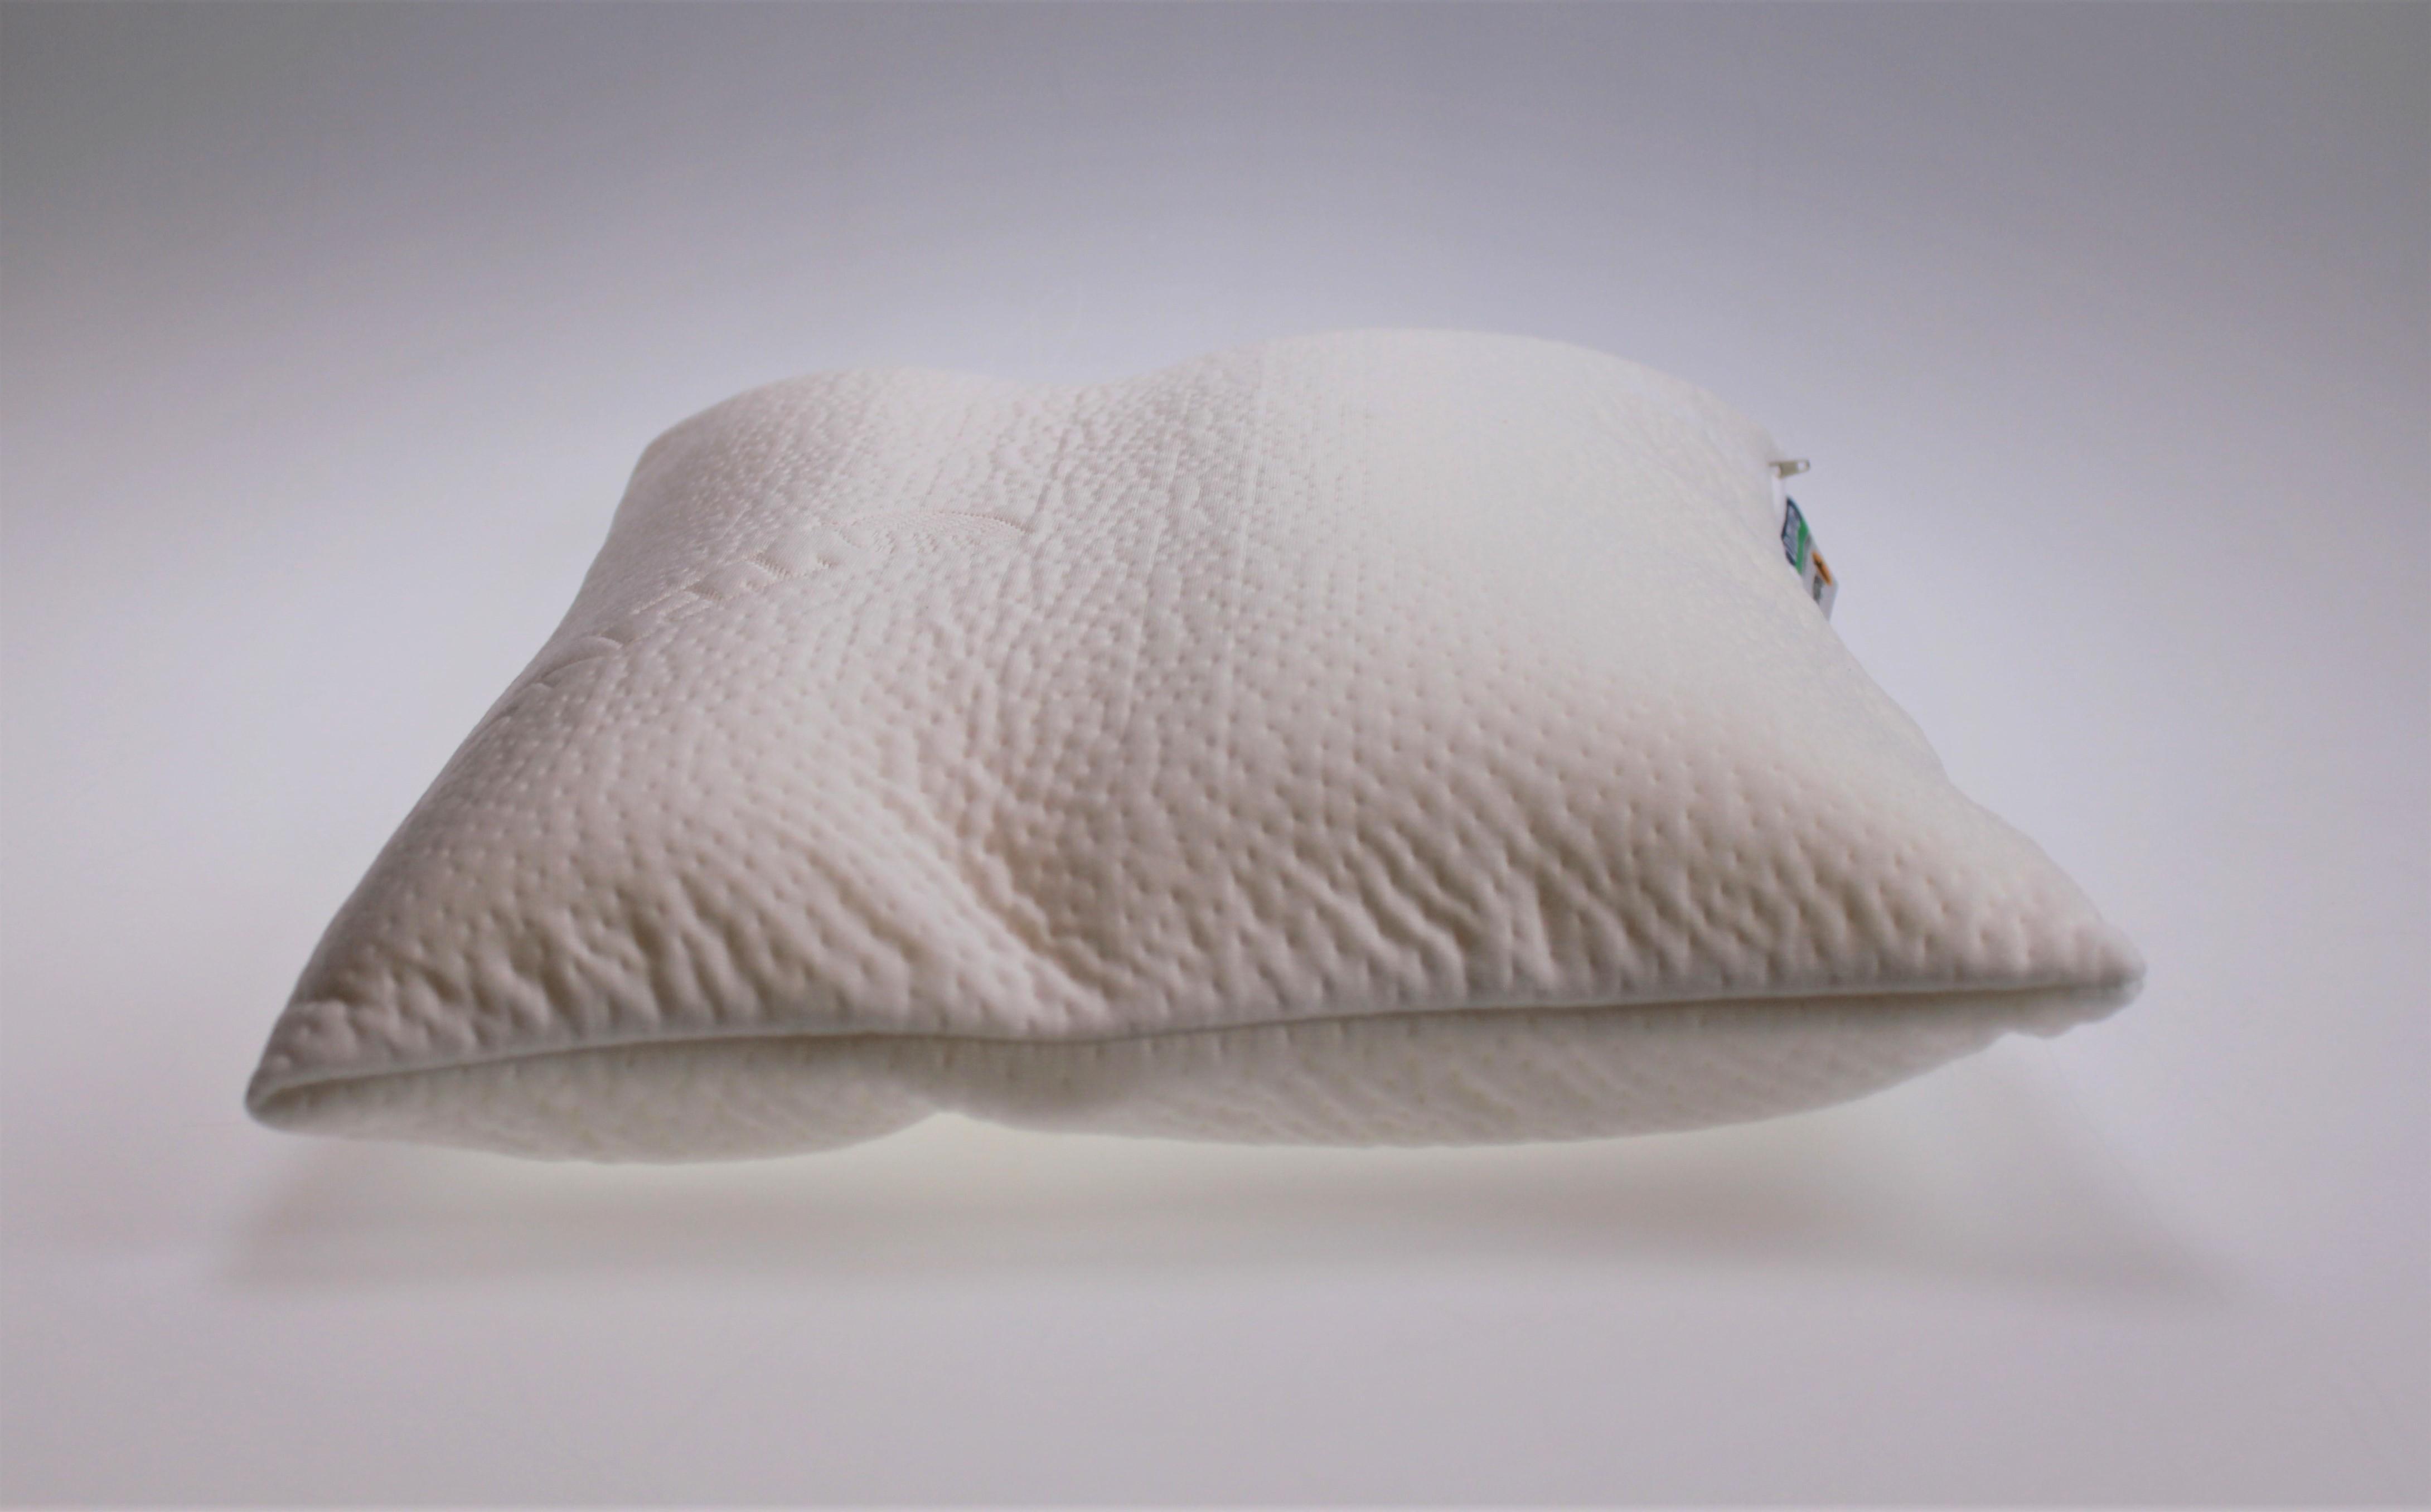 DAVID soft Nacken-Komfort-Kissen 60x40cm